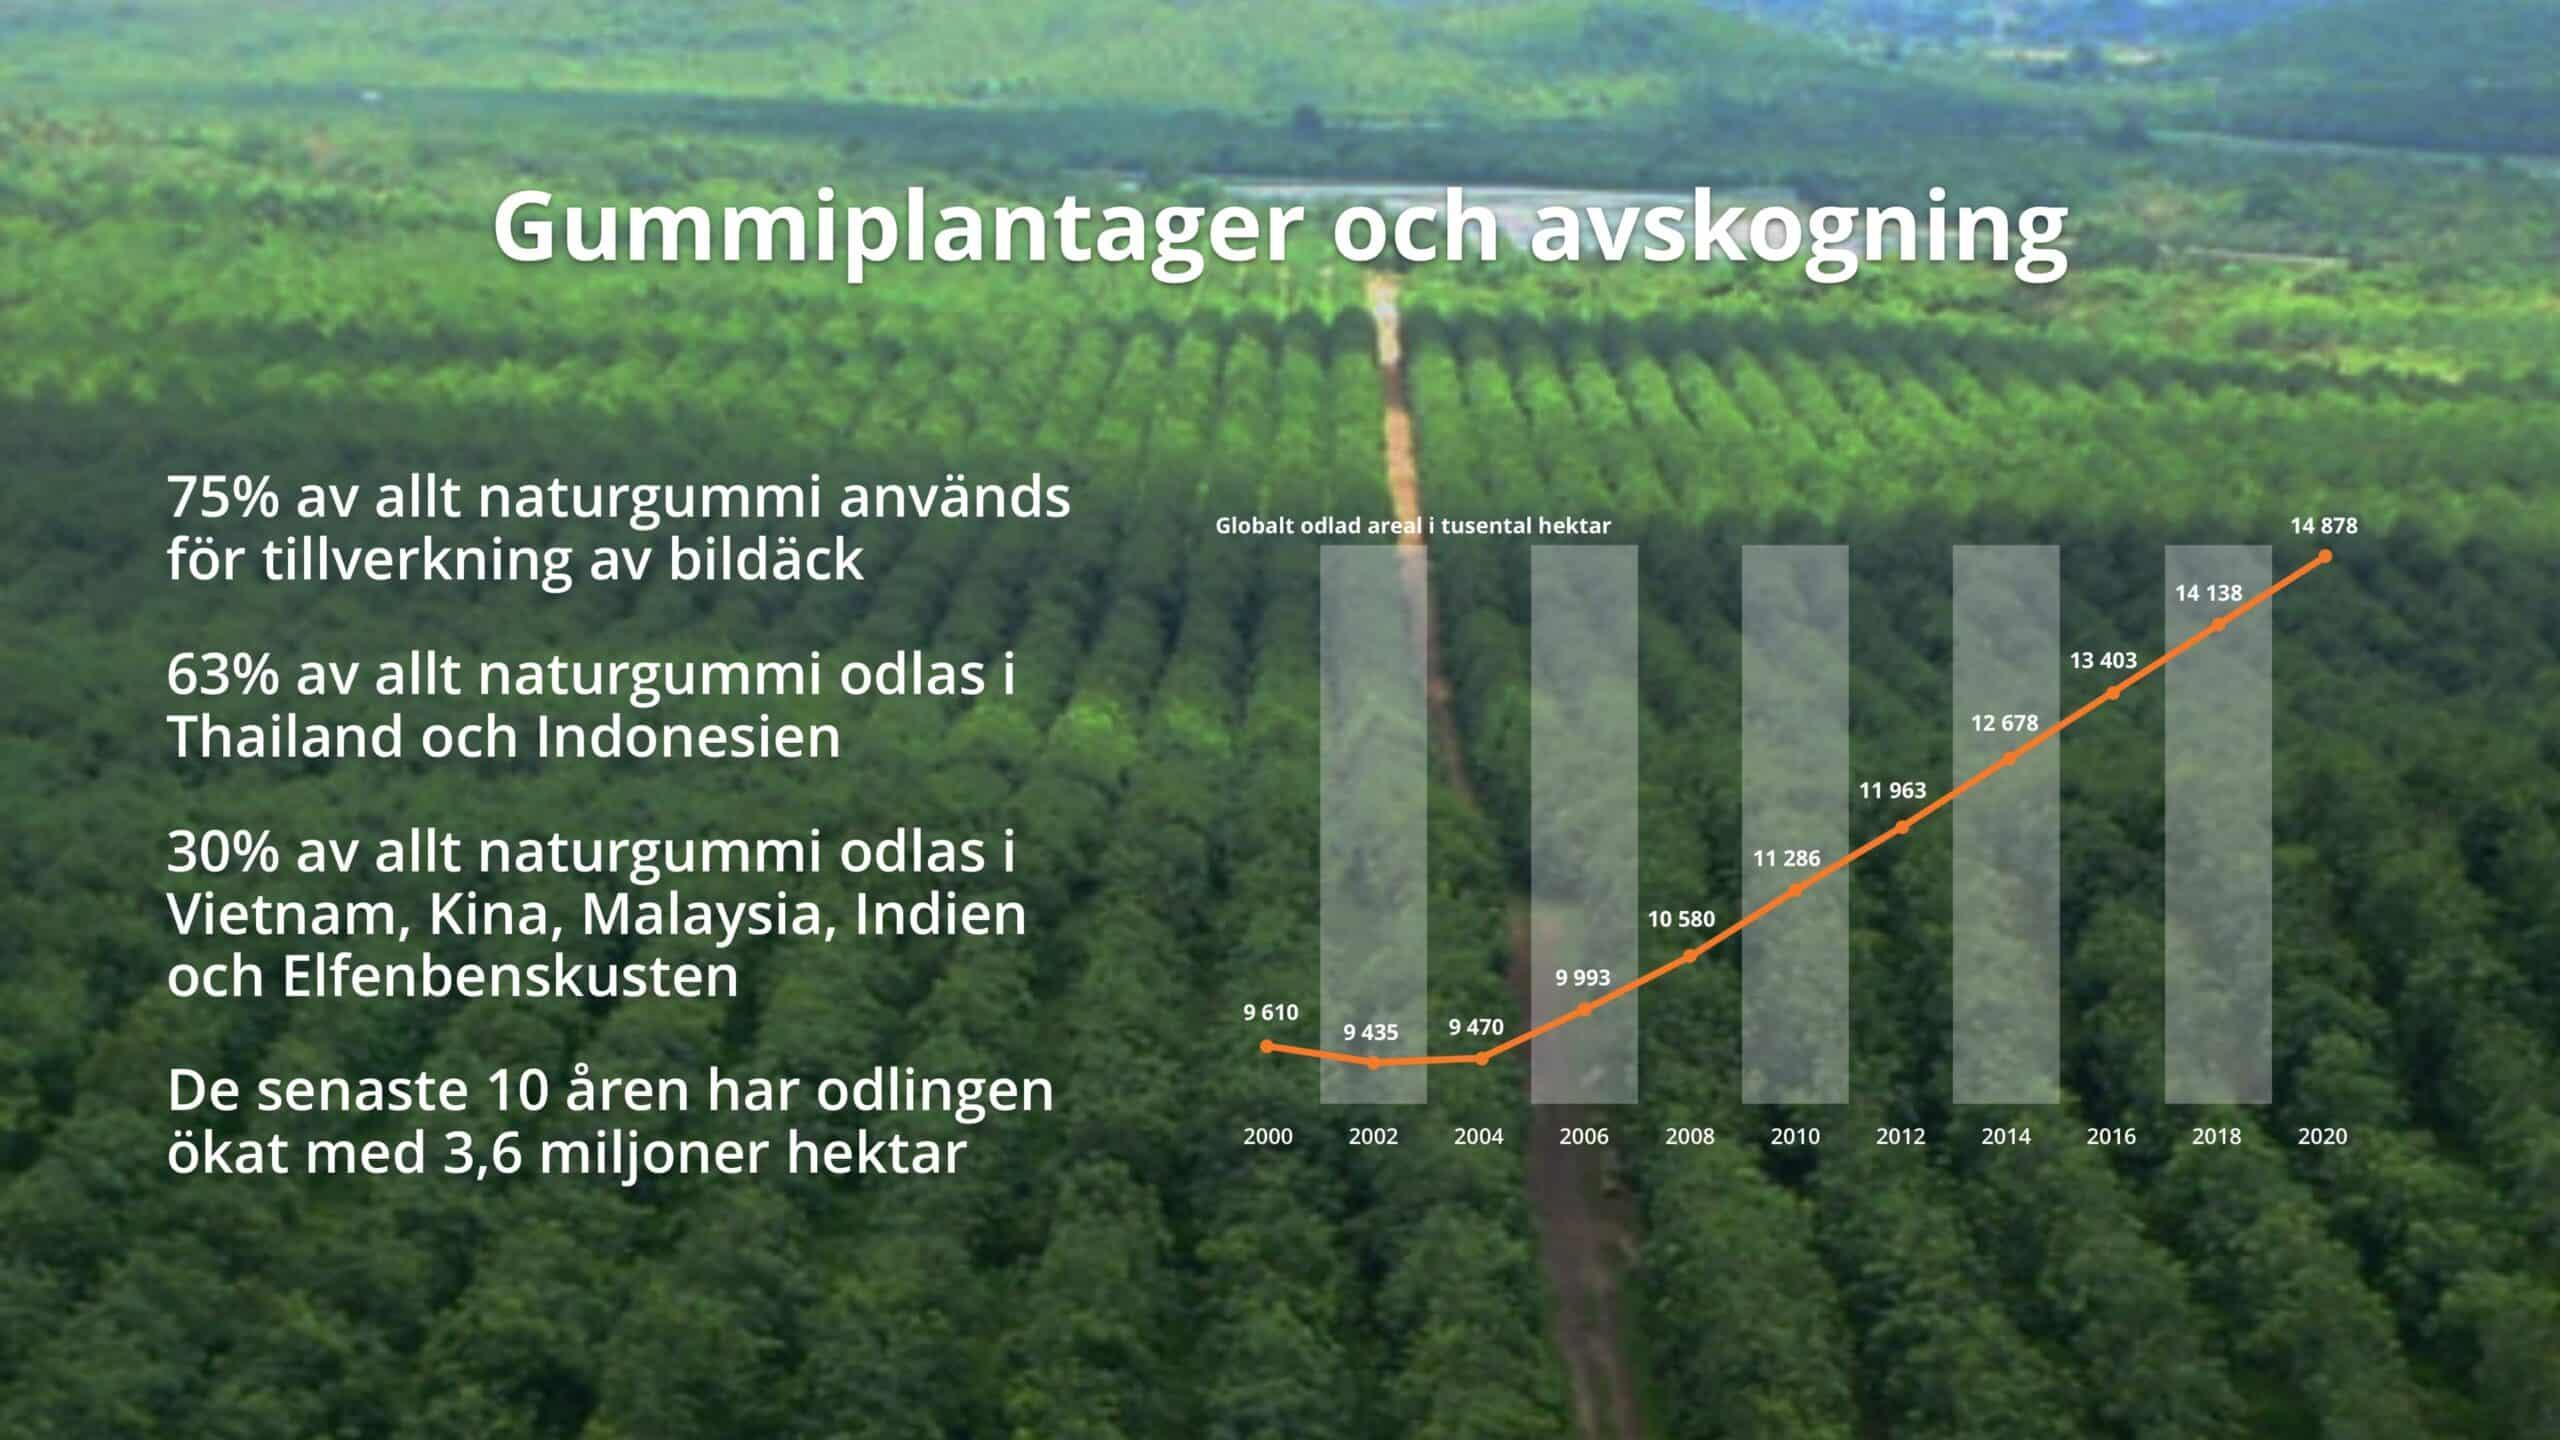 thefuture, Gummiplantager och avskogning